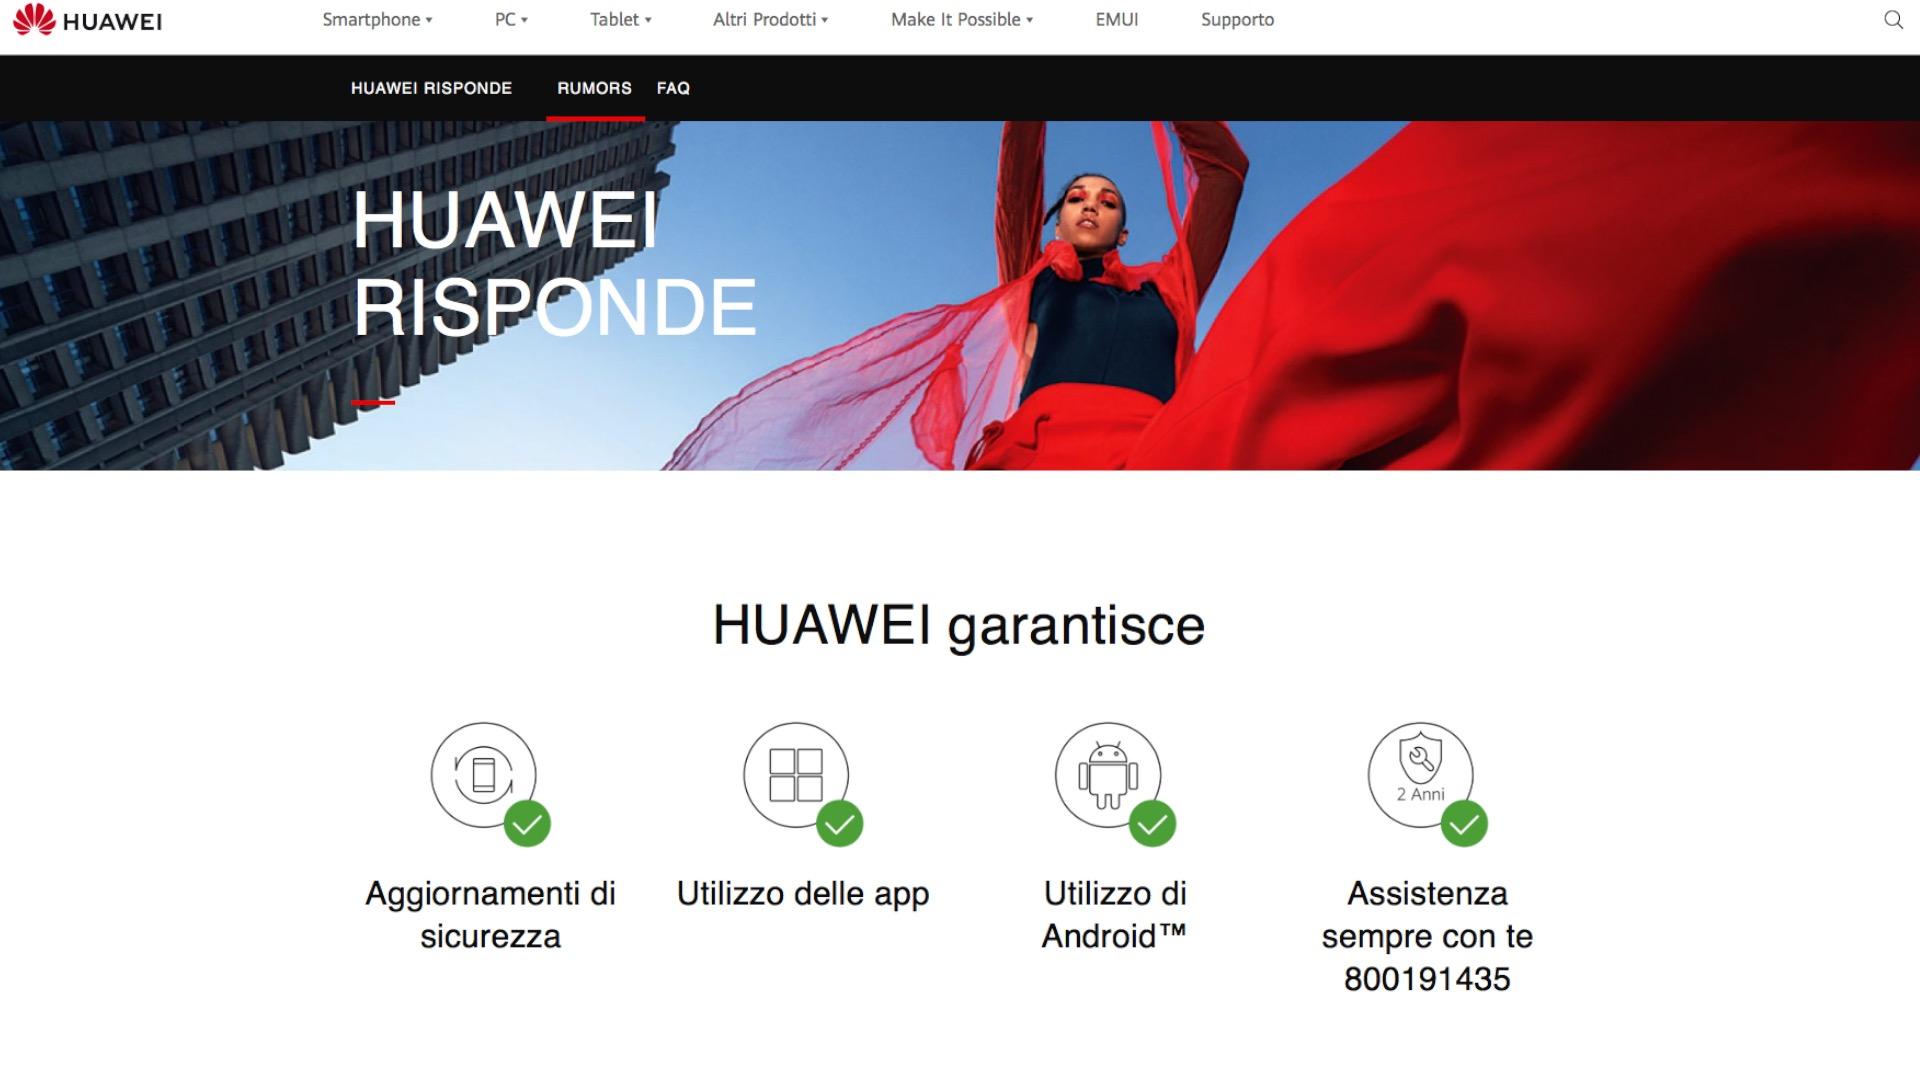 Huawei responde